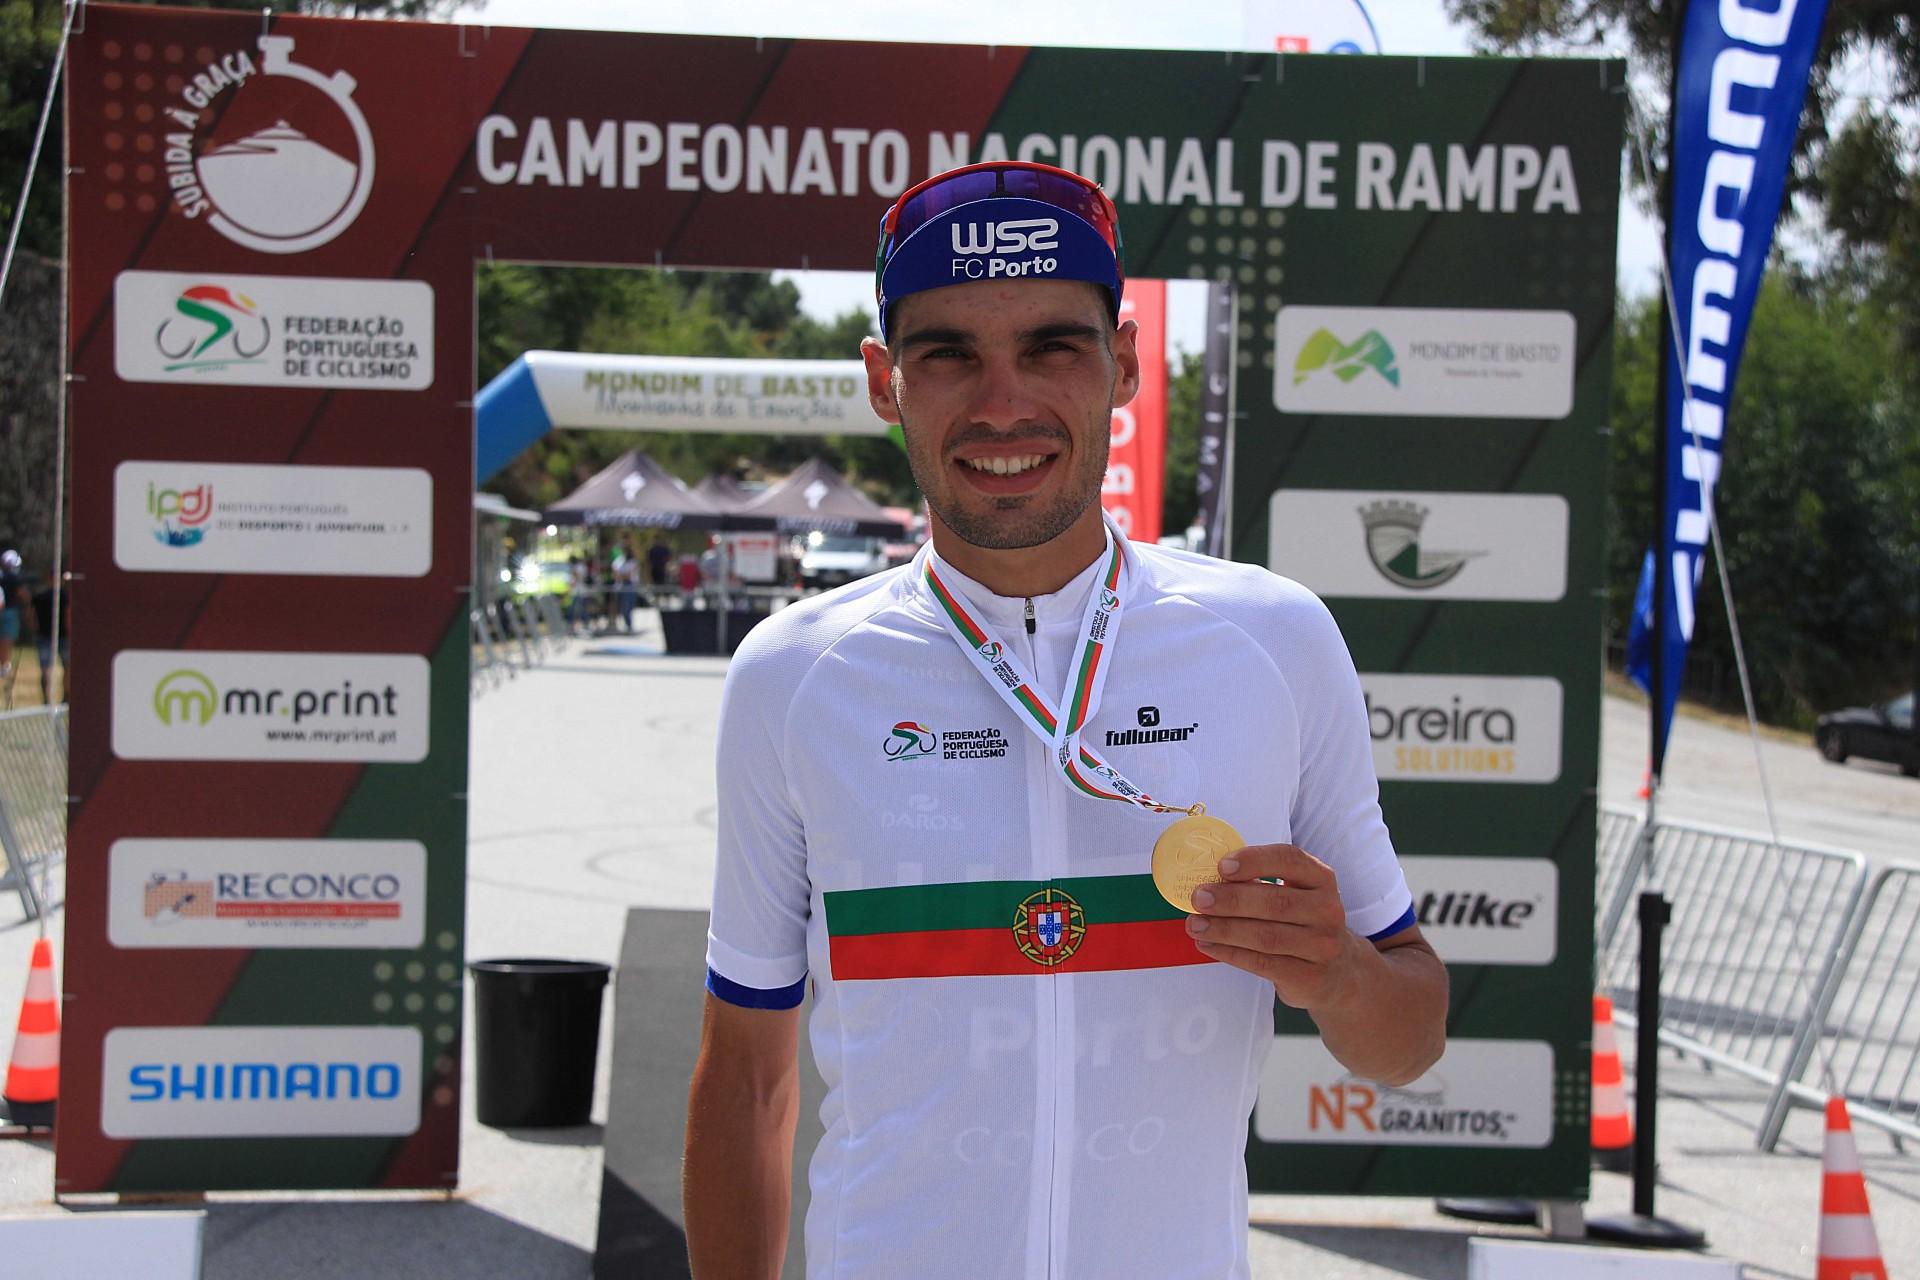 José Neves e Melissa Maia sagram-se campeões nacionais de rampa